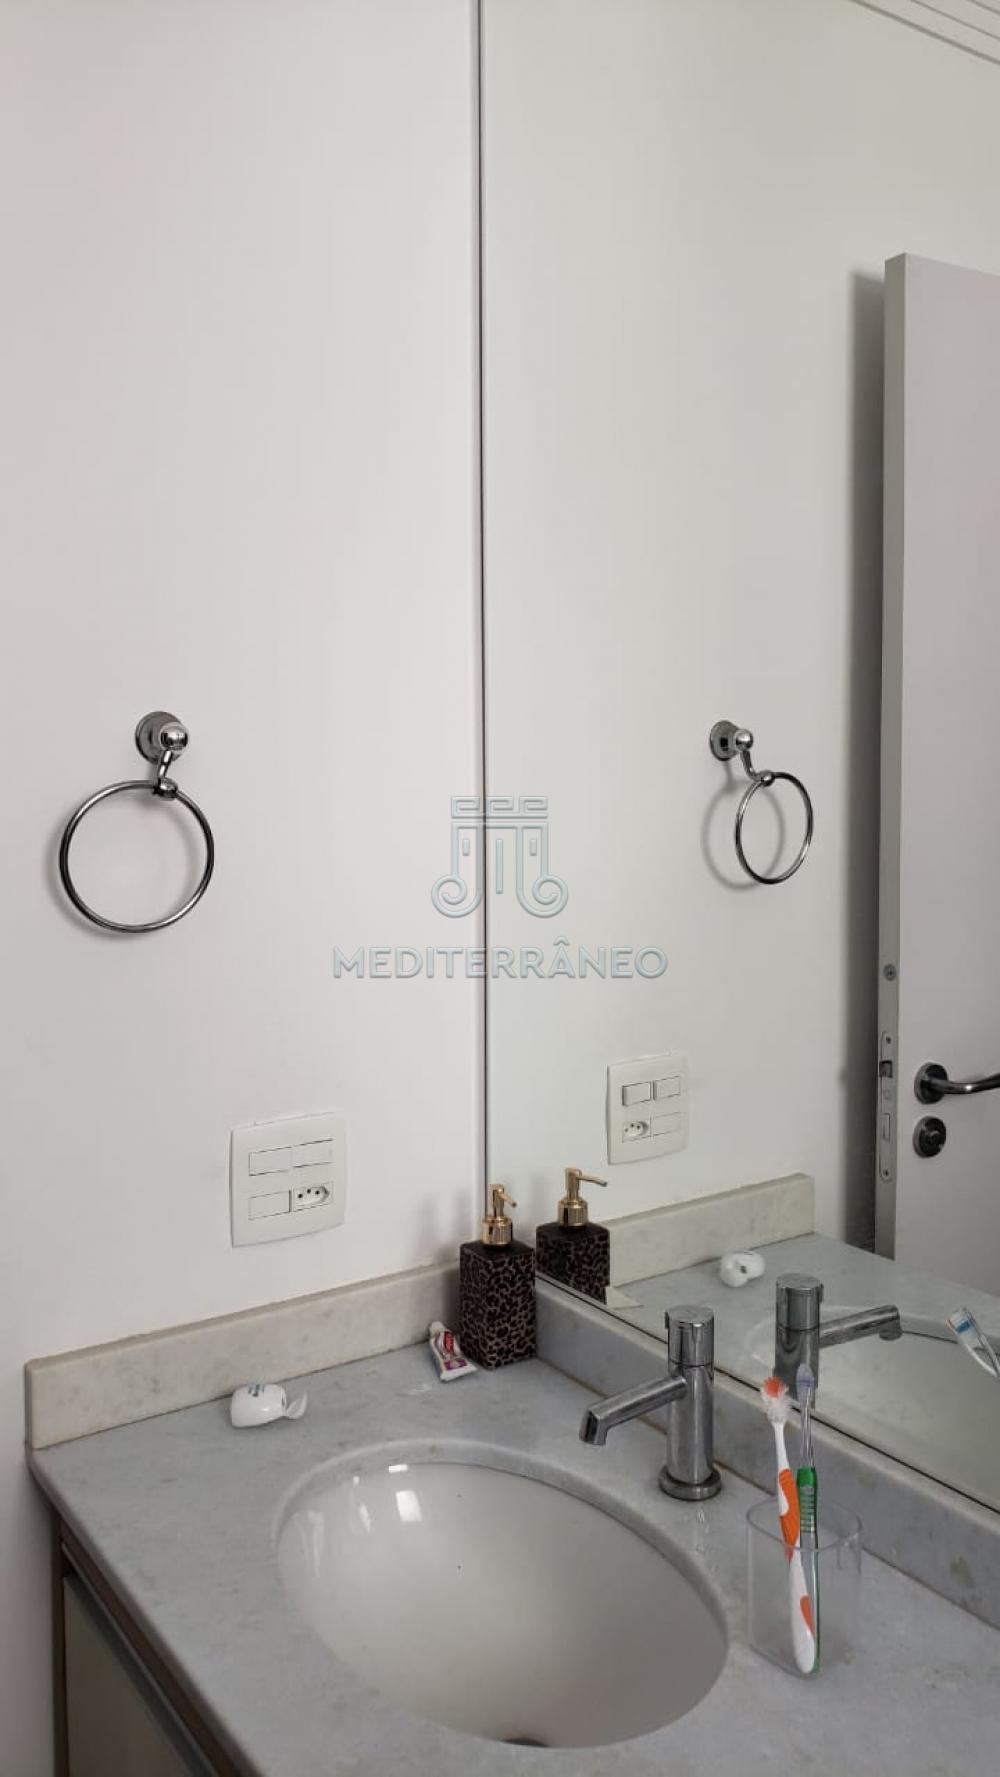 Alugar Apartamento / Padrão em Jundiaí apenas R$ 2.500,00 - Foto 6